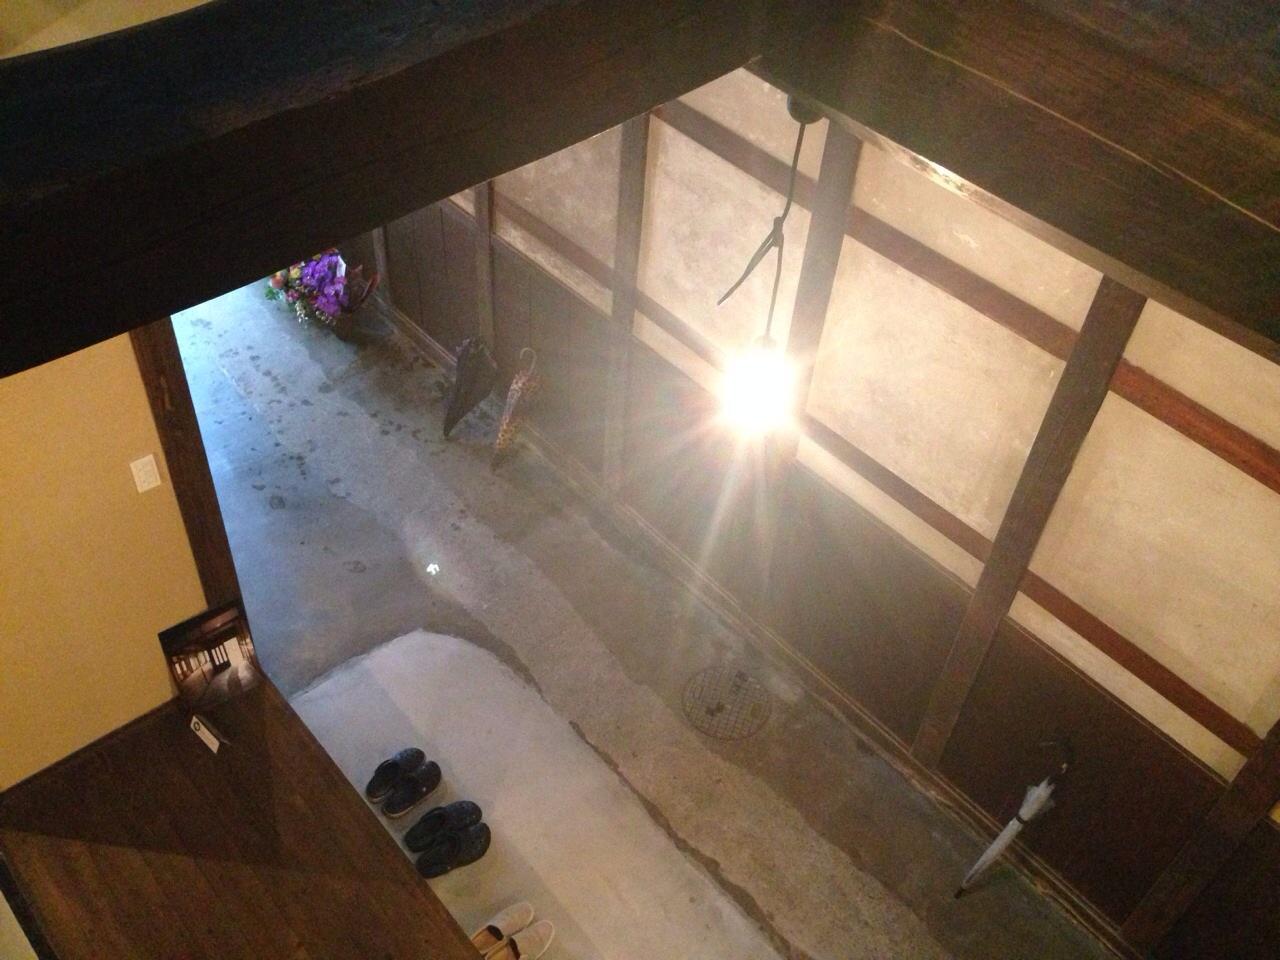 ゲストハウス白 - Guest House Shiro _c0110051_9415072.jpg